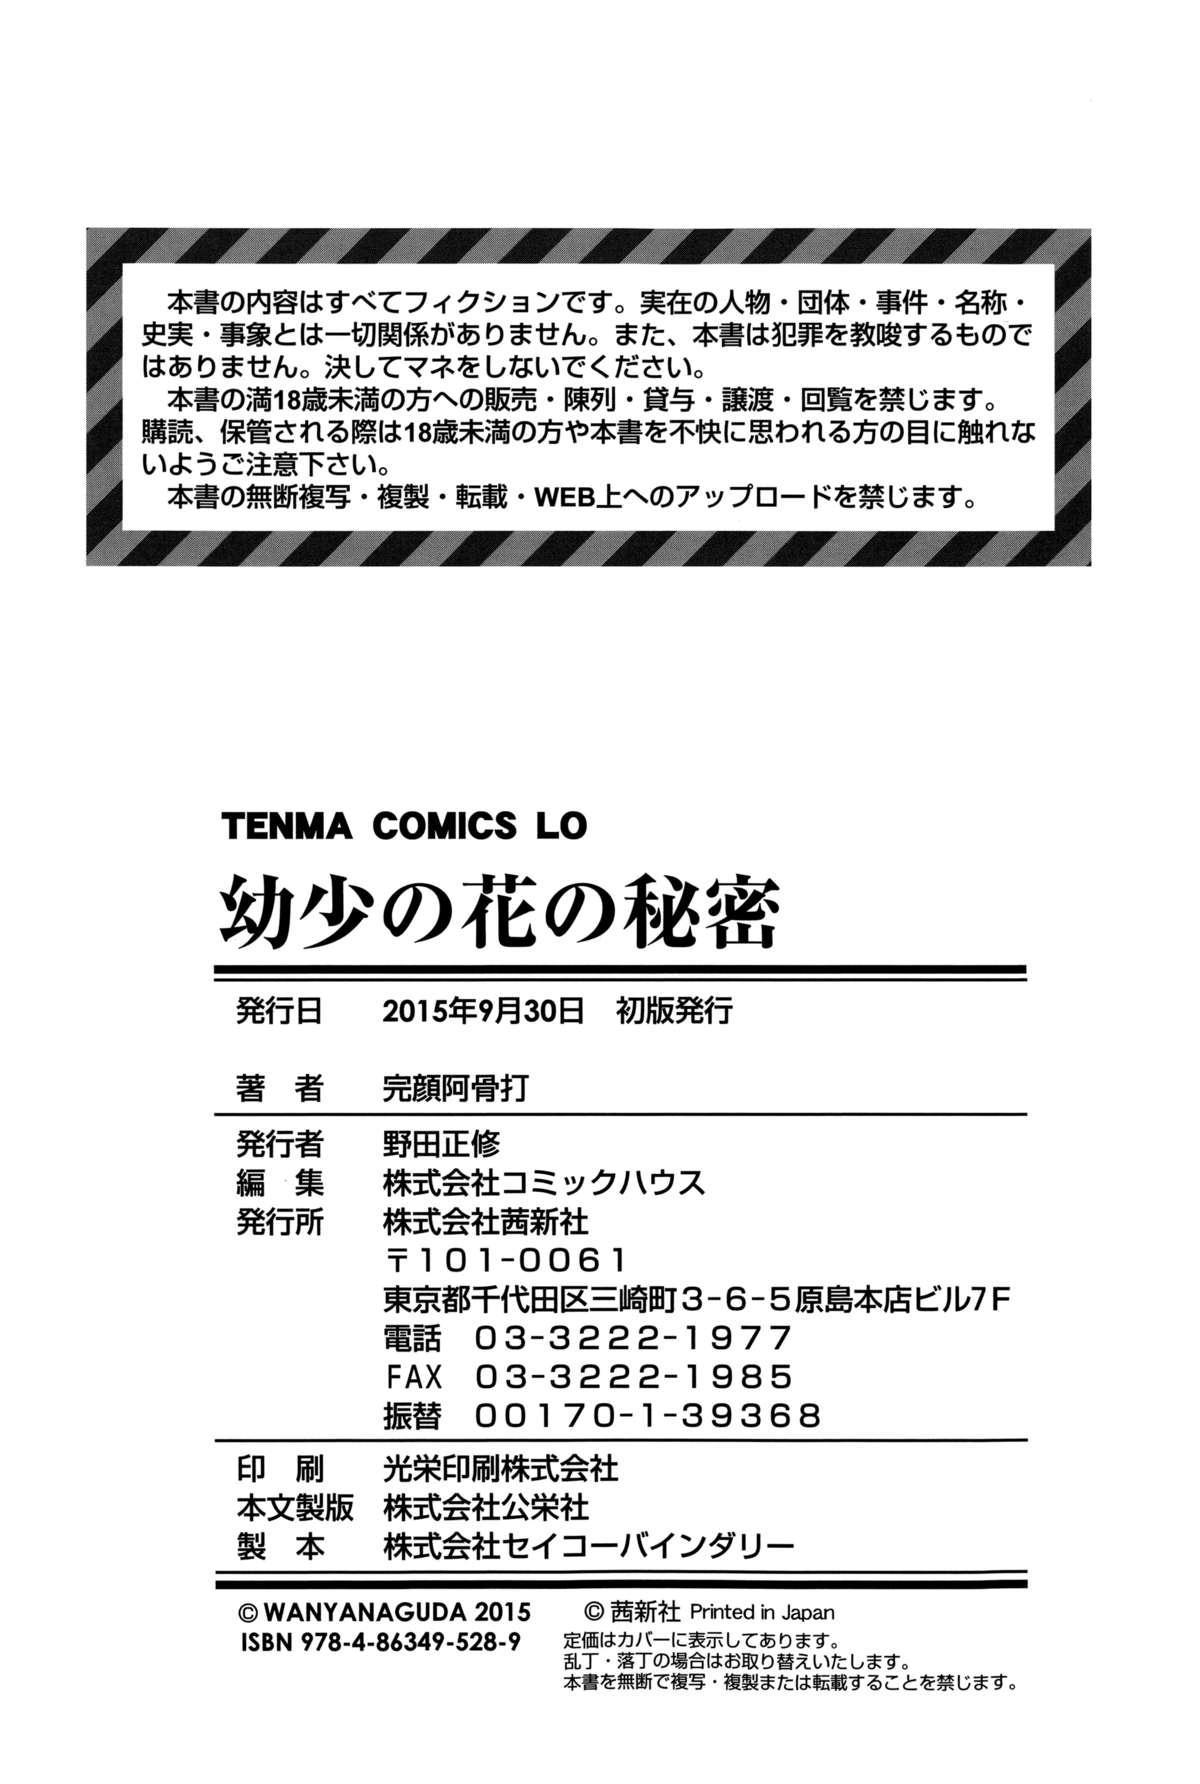 Youshou no Hana no Himitsu - The secret of Girls flowers 196